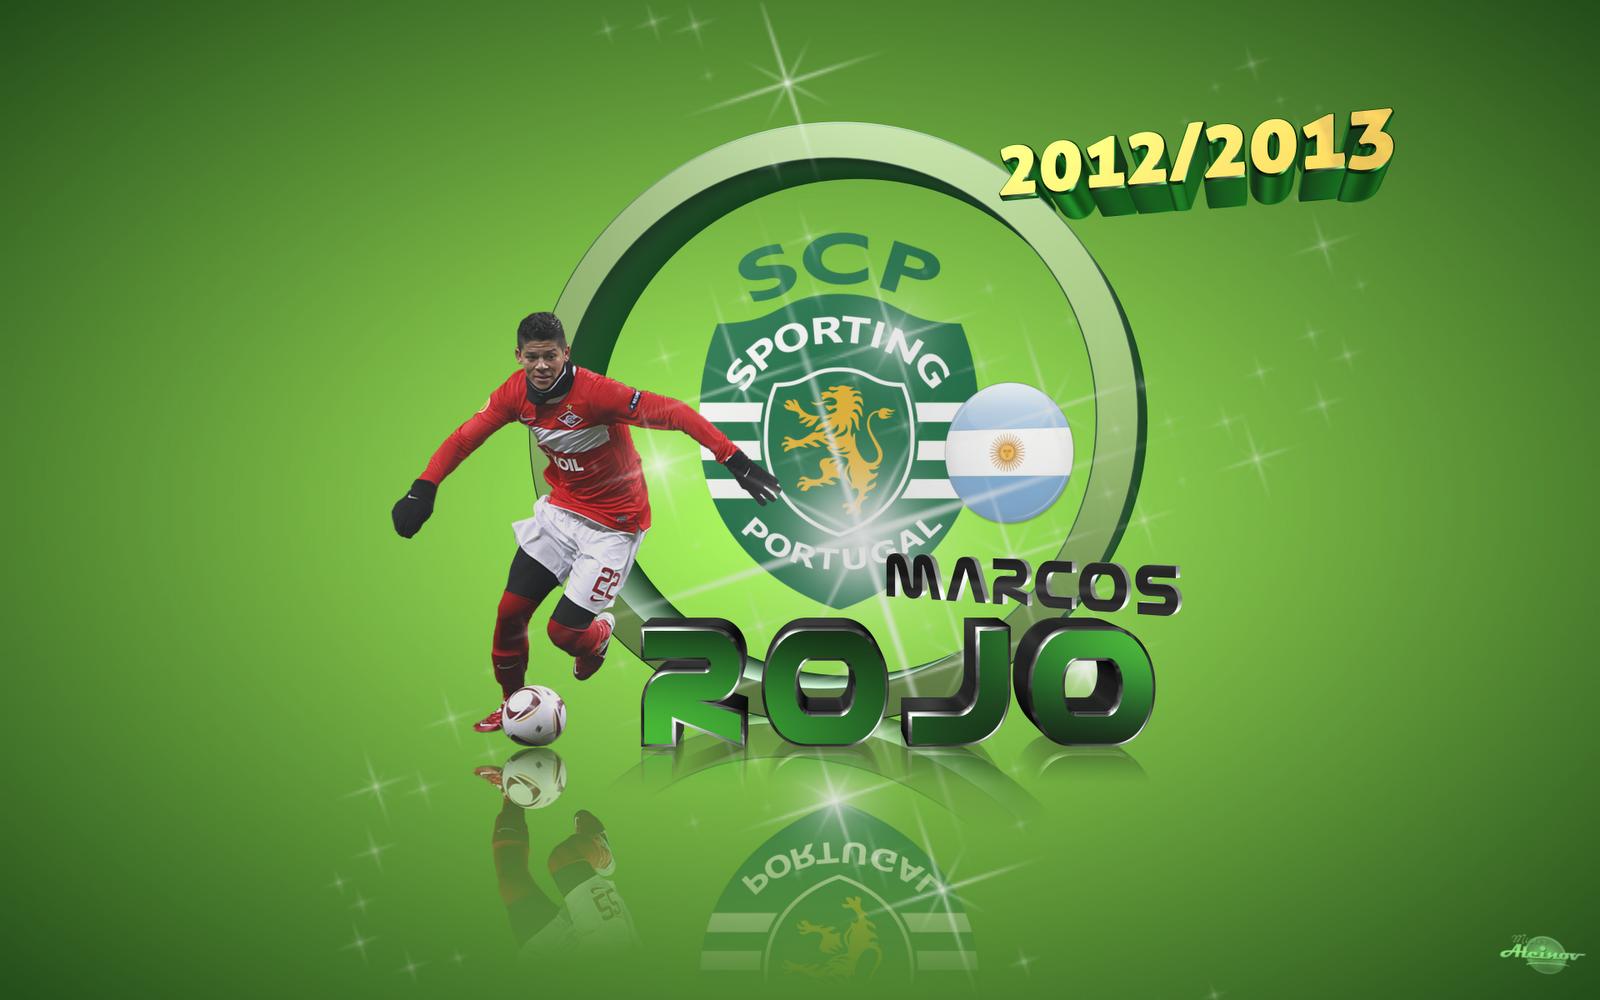 Marcos Rojo Football Wallpaper